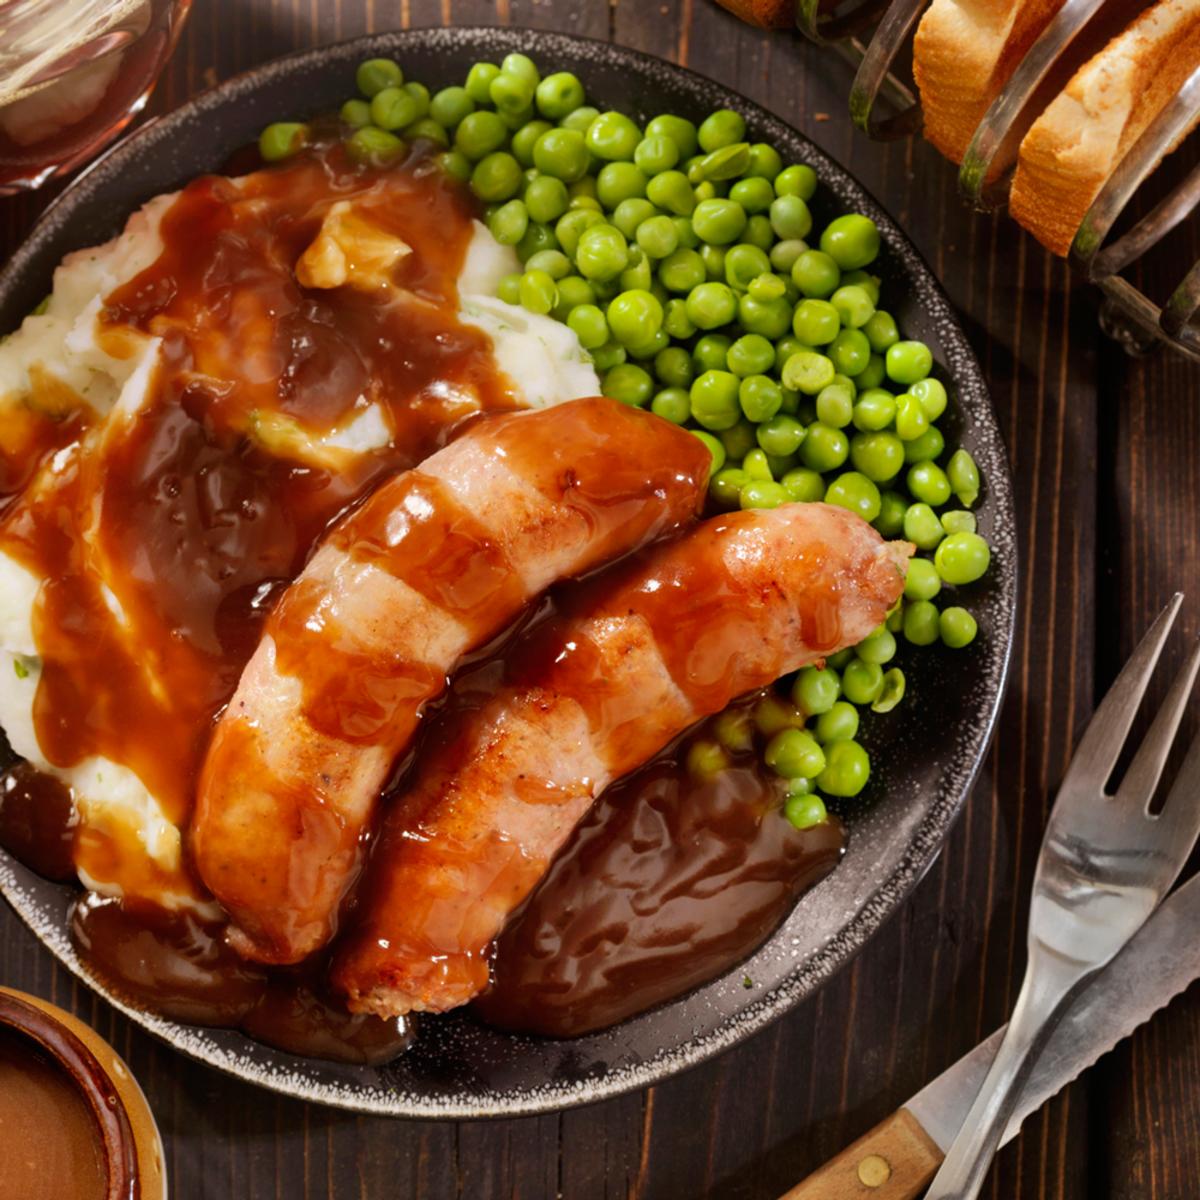 Irish Stout and Onion Pork Sausage – Case